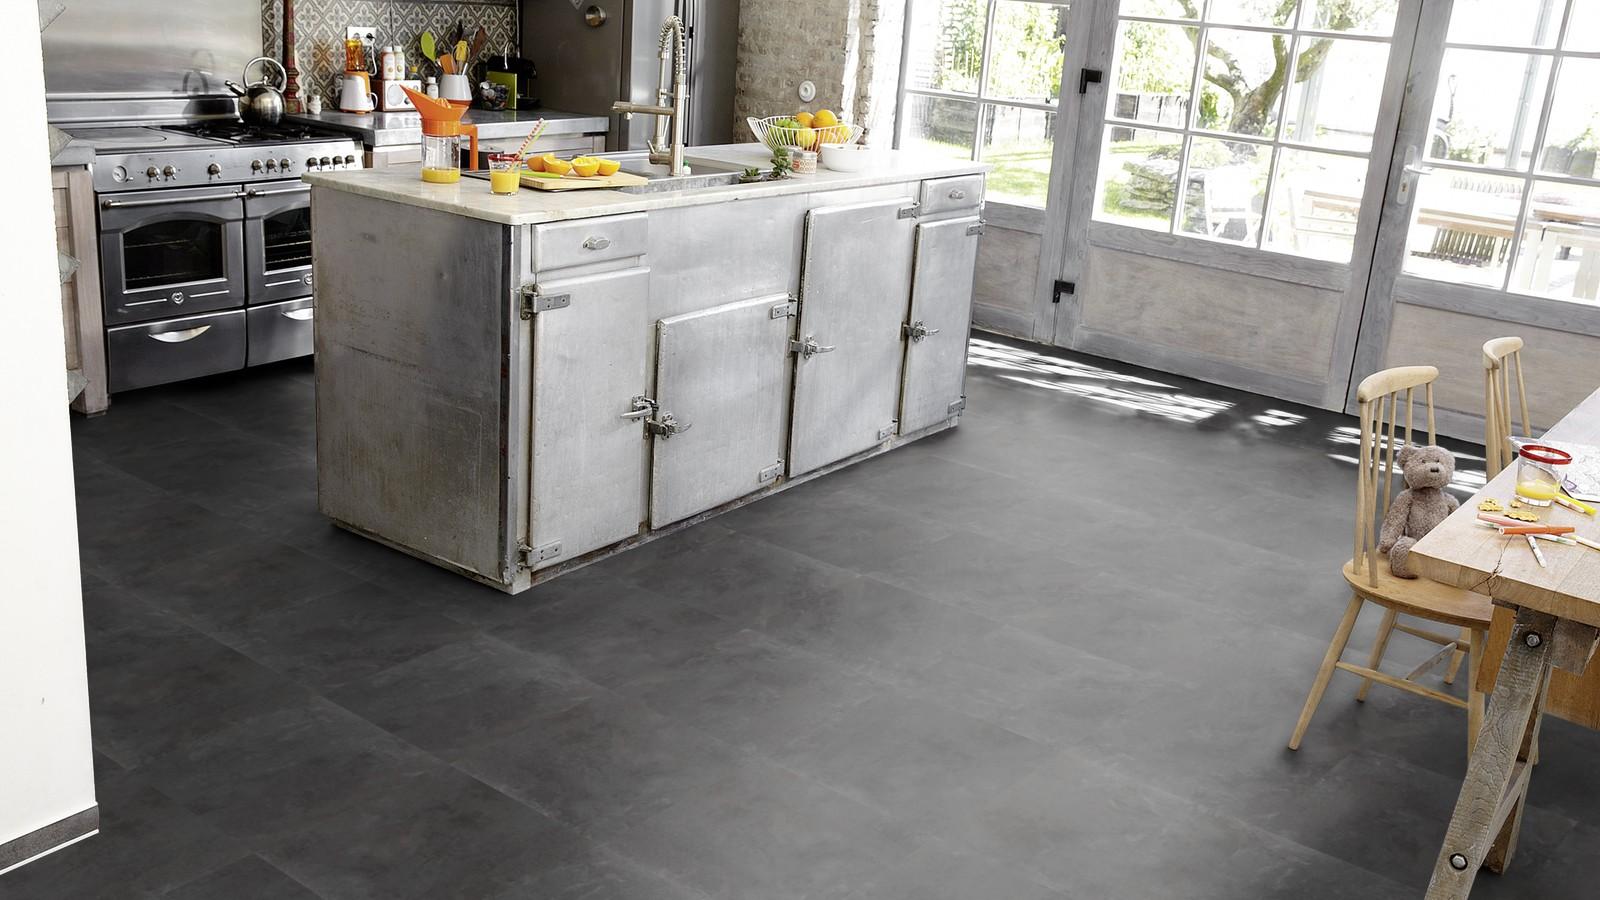 Full Size of Küchenrückwand Laminat Im Bad In Der Küche Für Badezimmer Fürs Wohnzimmer Küchenrückwand Laminat